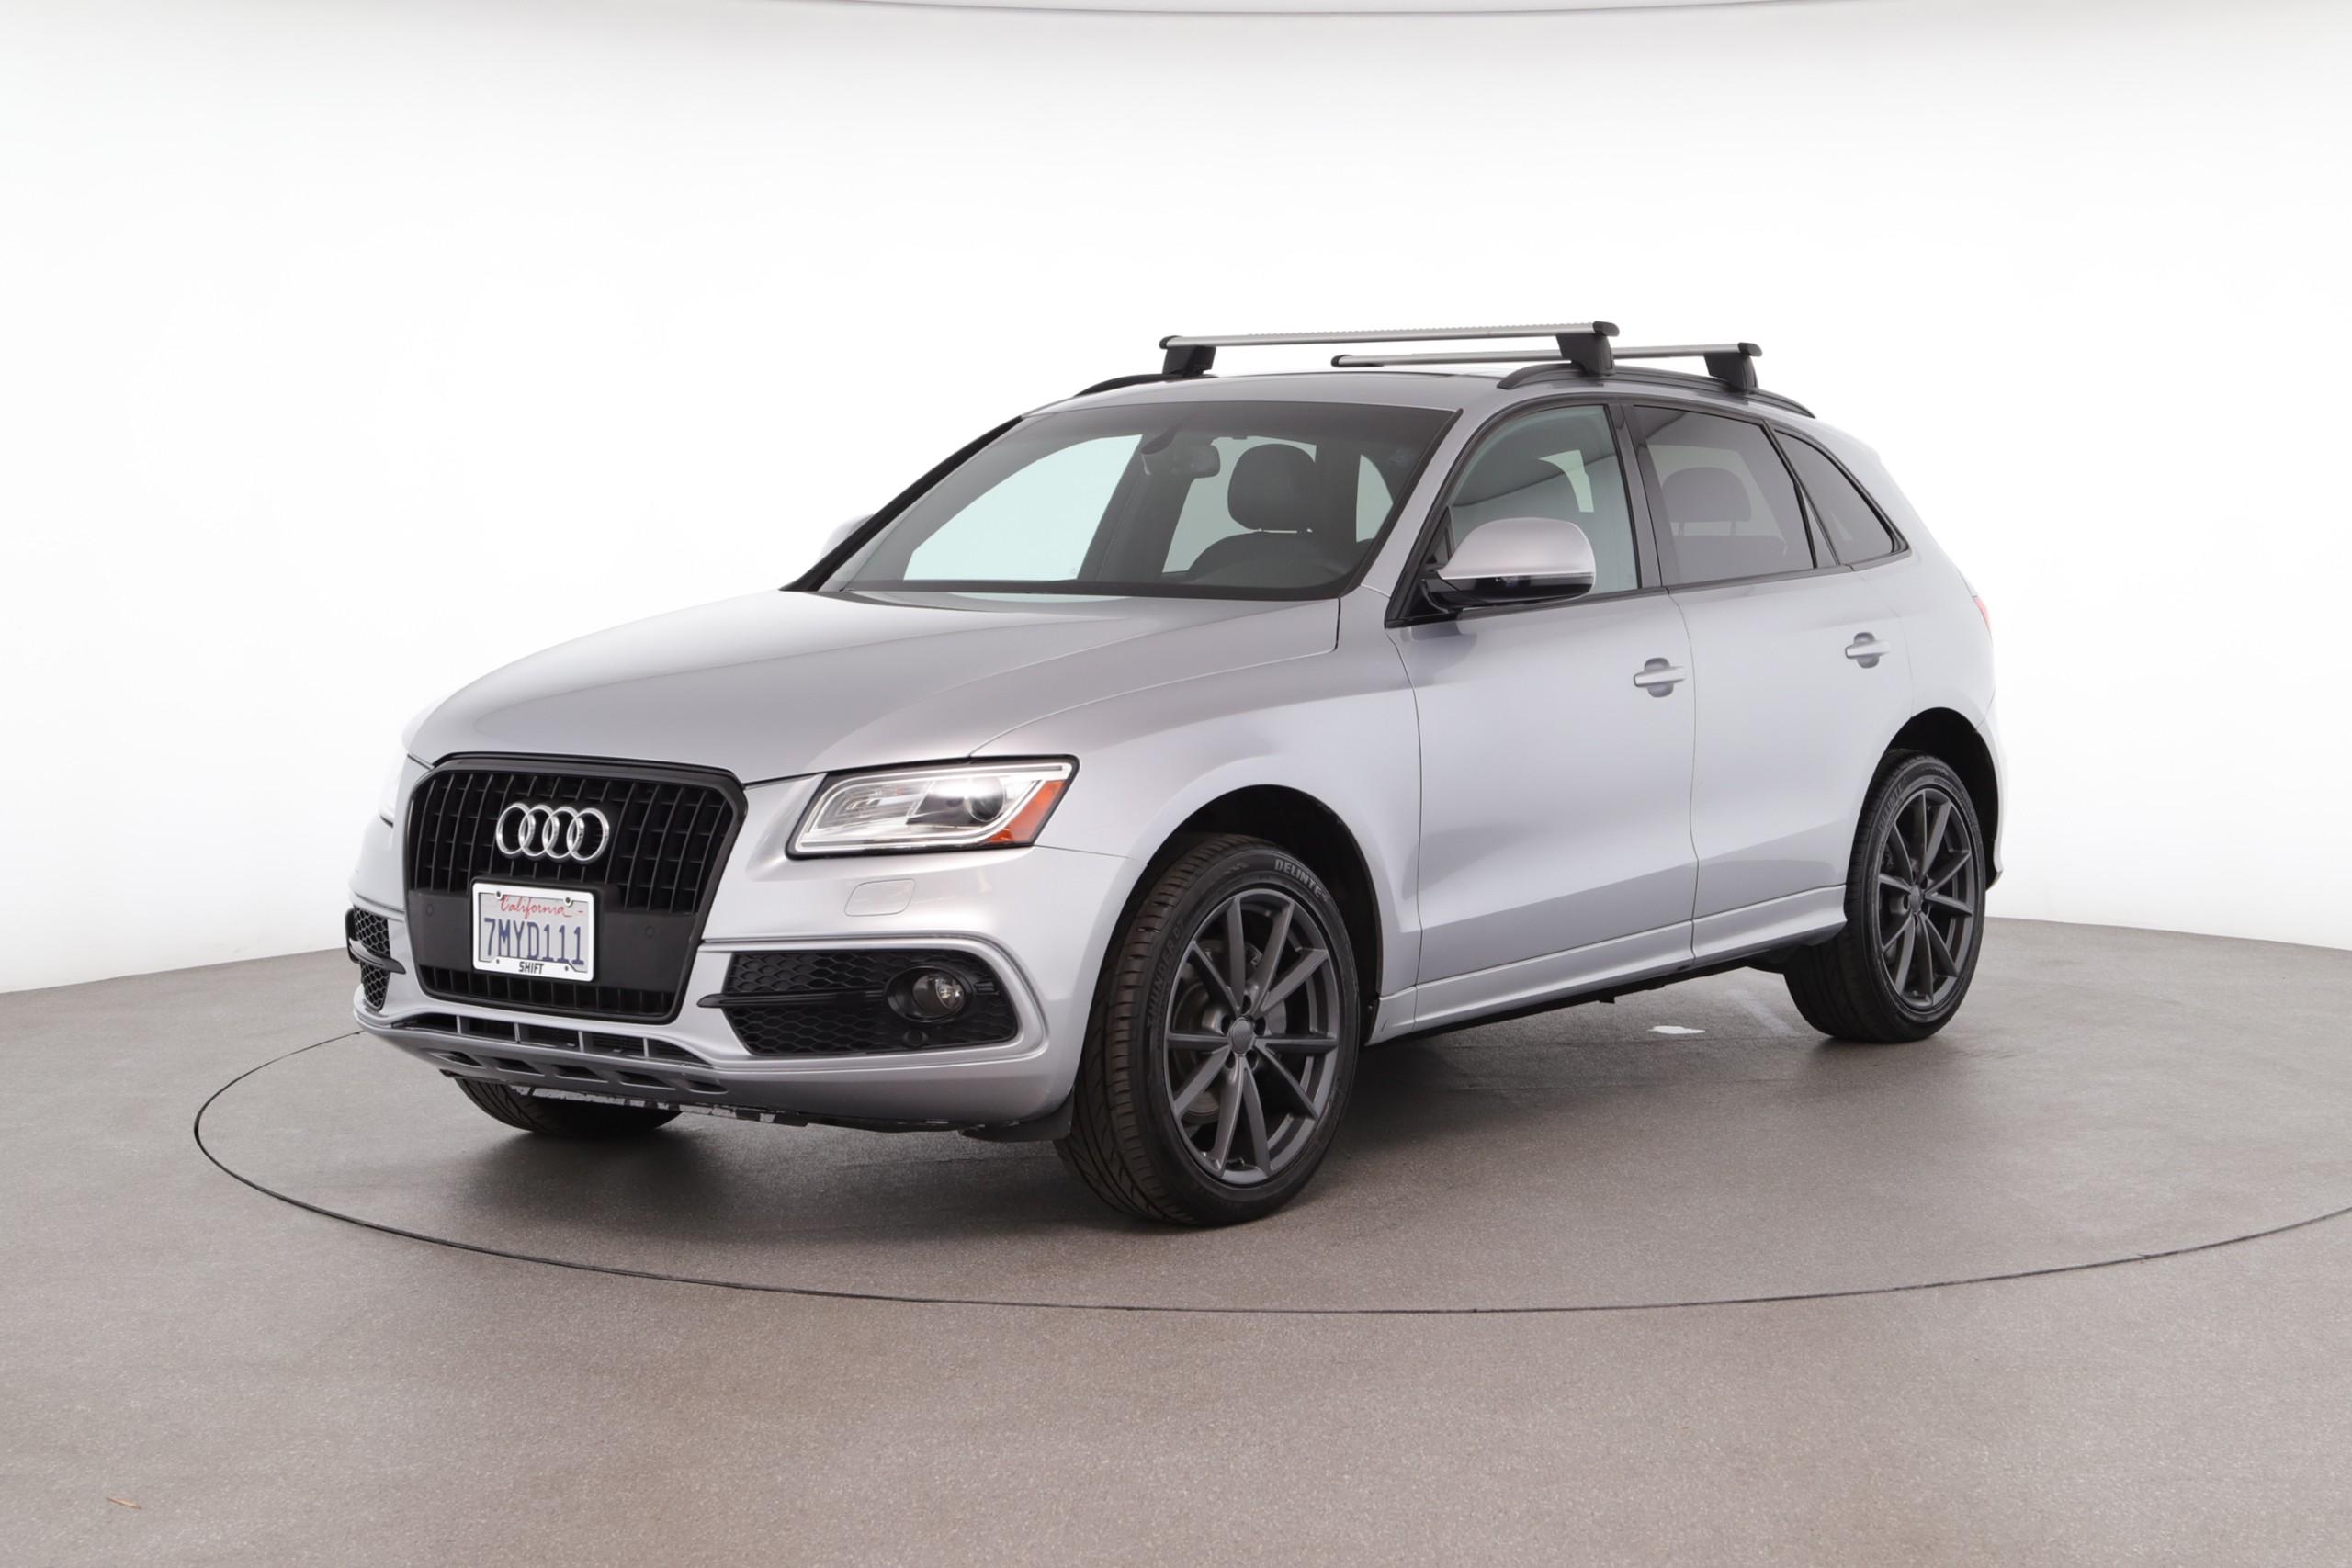 2015 Audi Q5 3.0T Premium Plus (from $25,950)